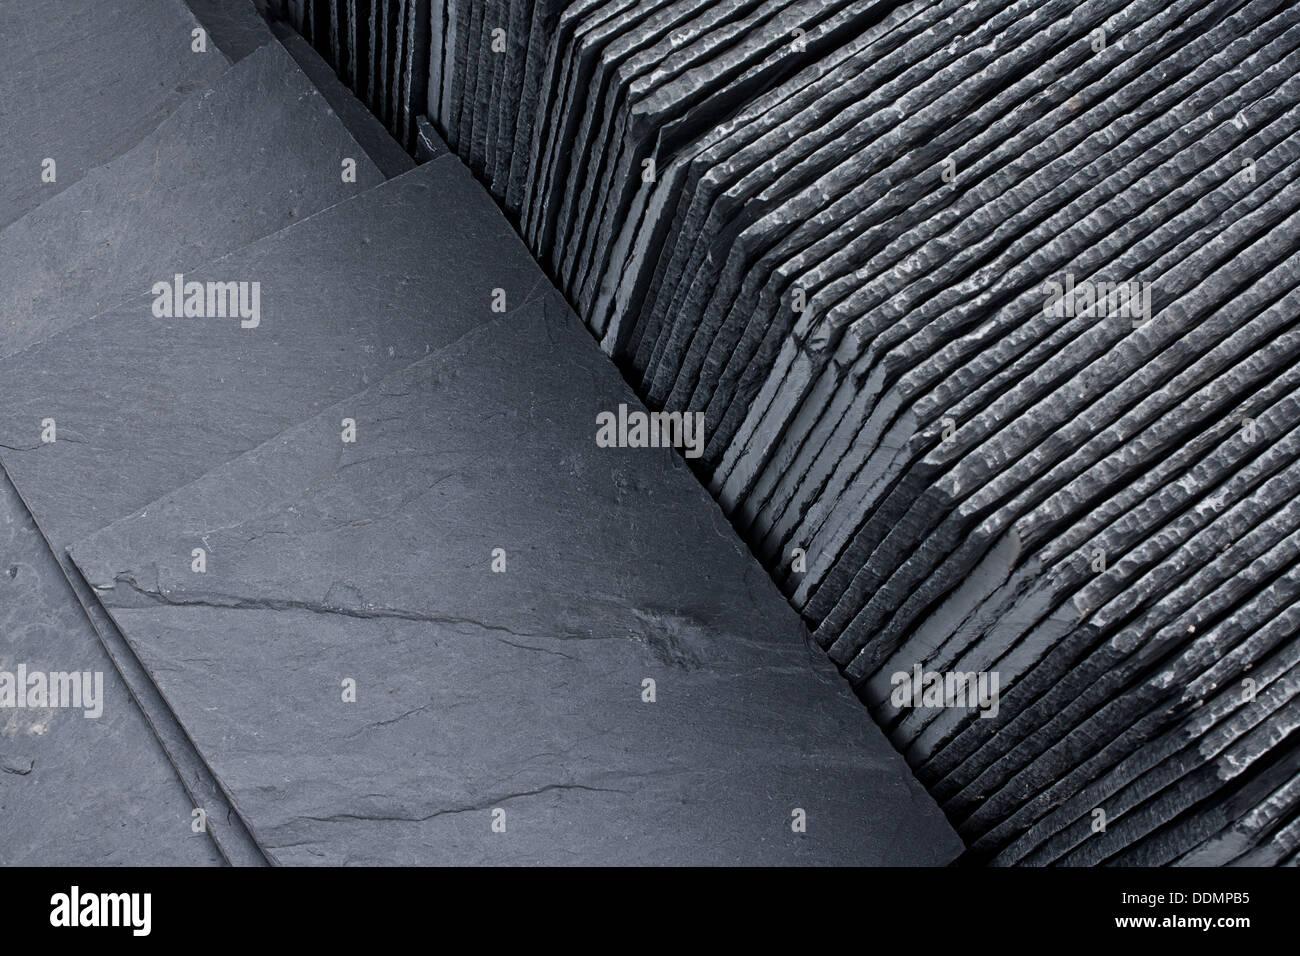 Ardesia per tetti di piastrelle in un pallet pronto per la vendita